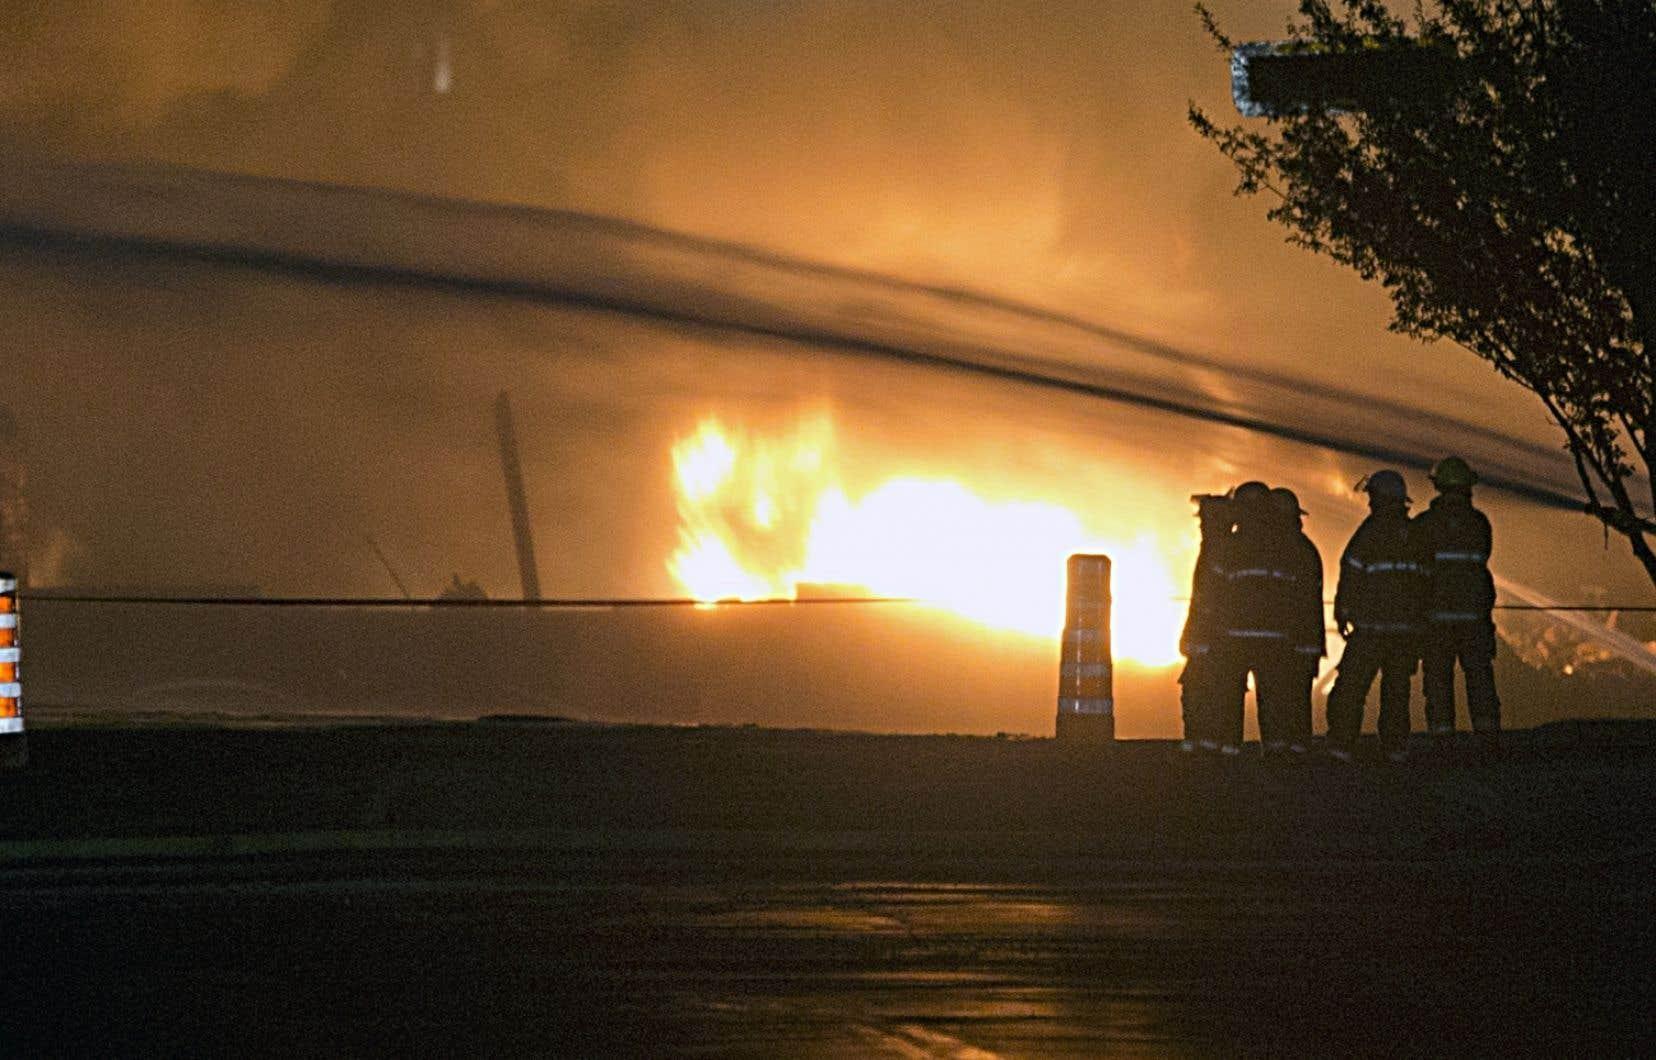 Cinq ans après la tragédie de Lac-Mégantic, un auteur et des survivants réclament encore une enquête publique sur l'accident ferroviaire qui a fait 47 morts.